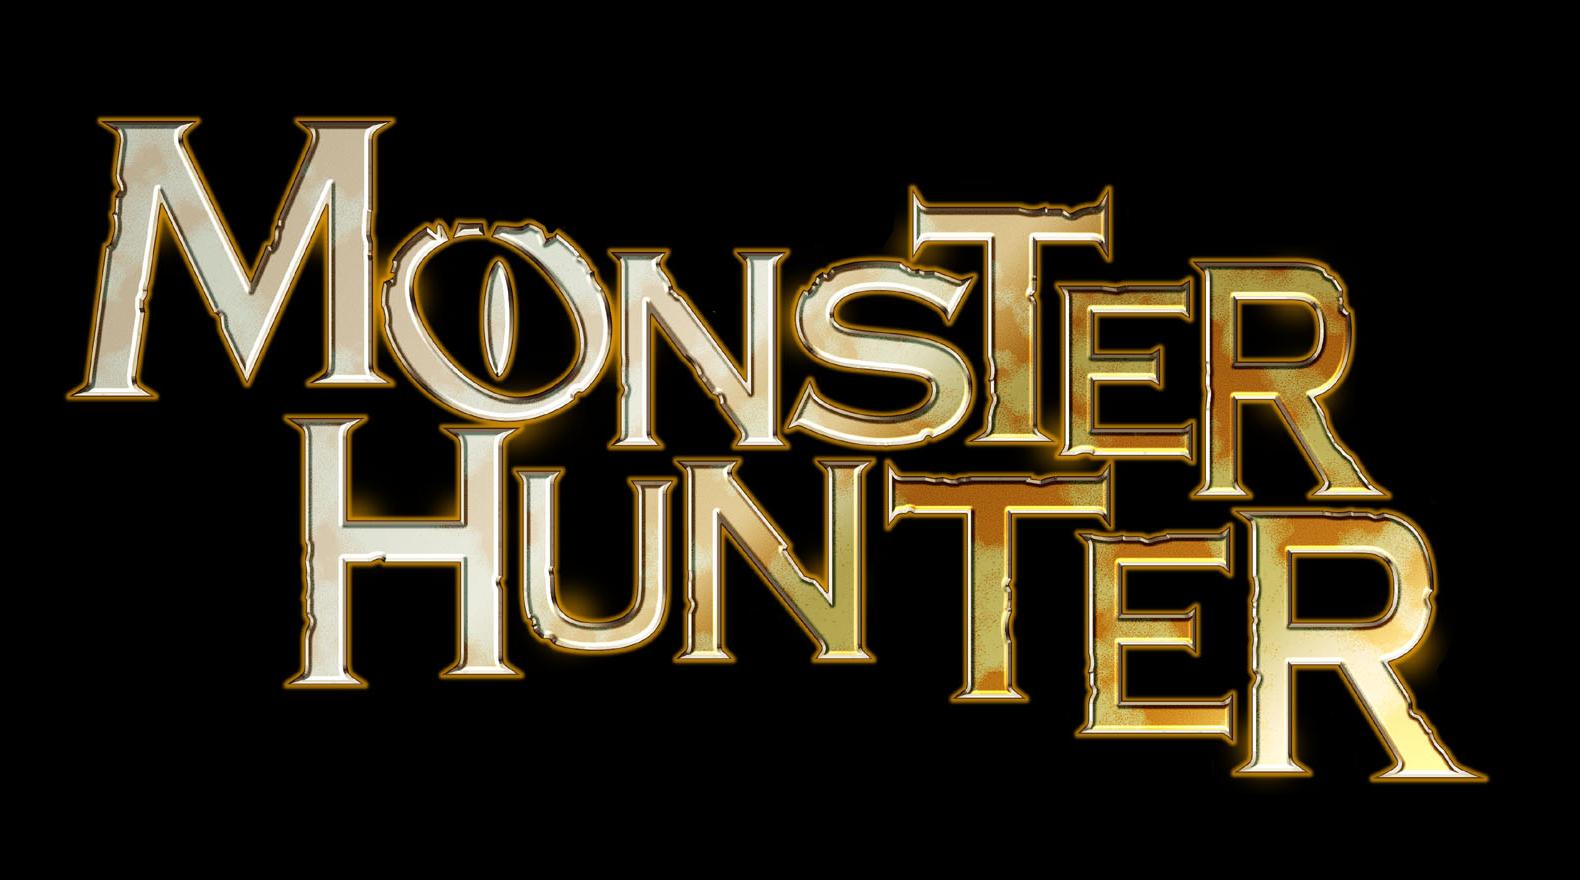 Monster Hunter: Бестиарий и сравнение размеров монстров(⌐■_■) - Изображение 1